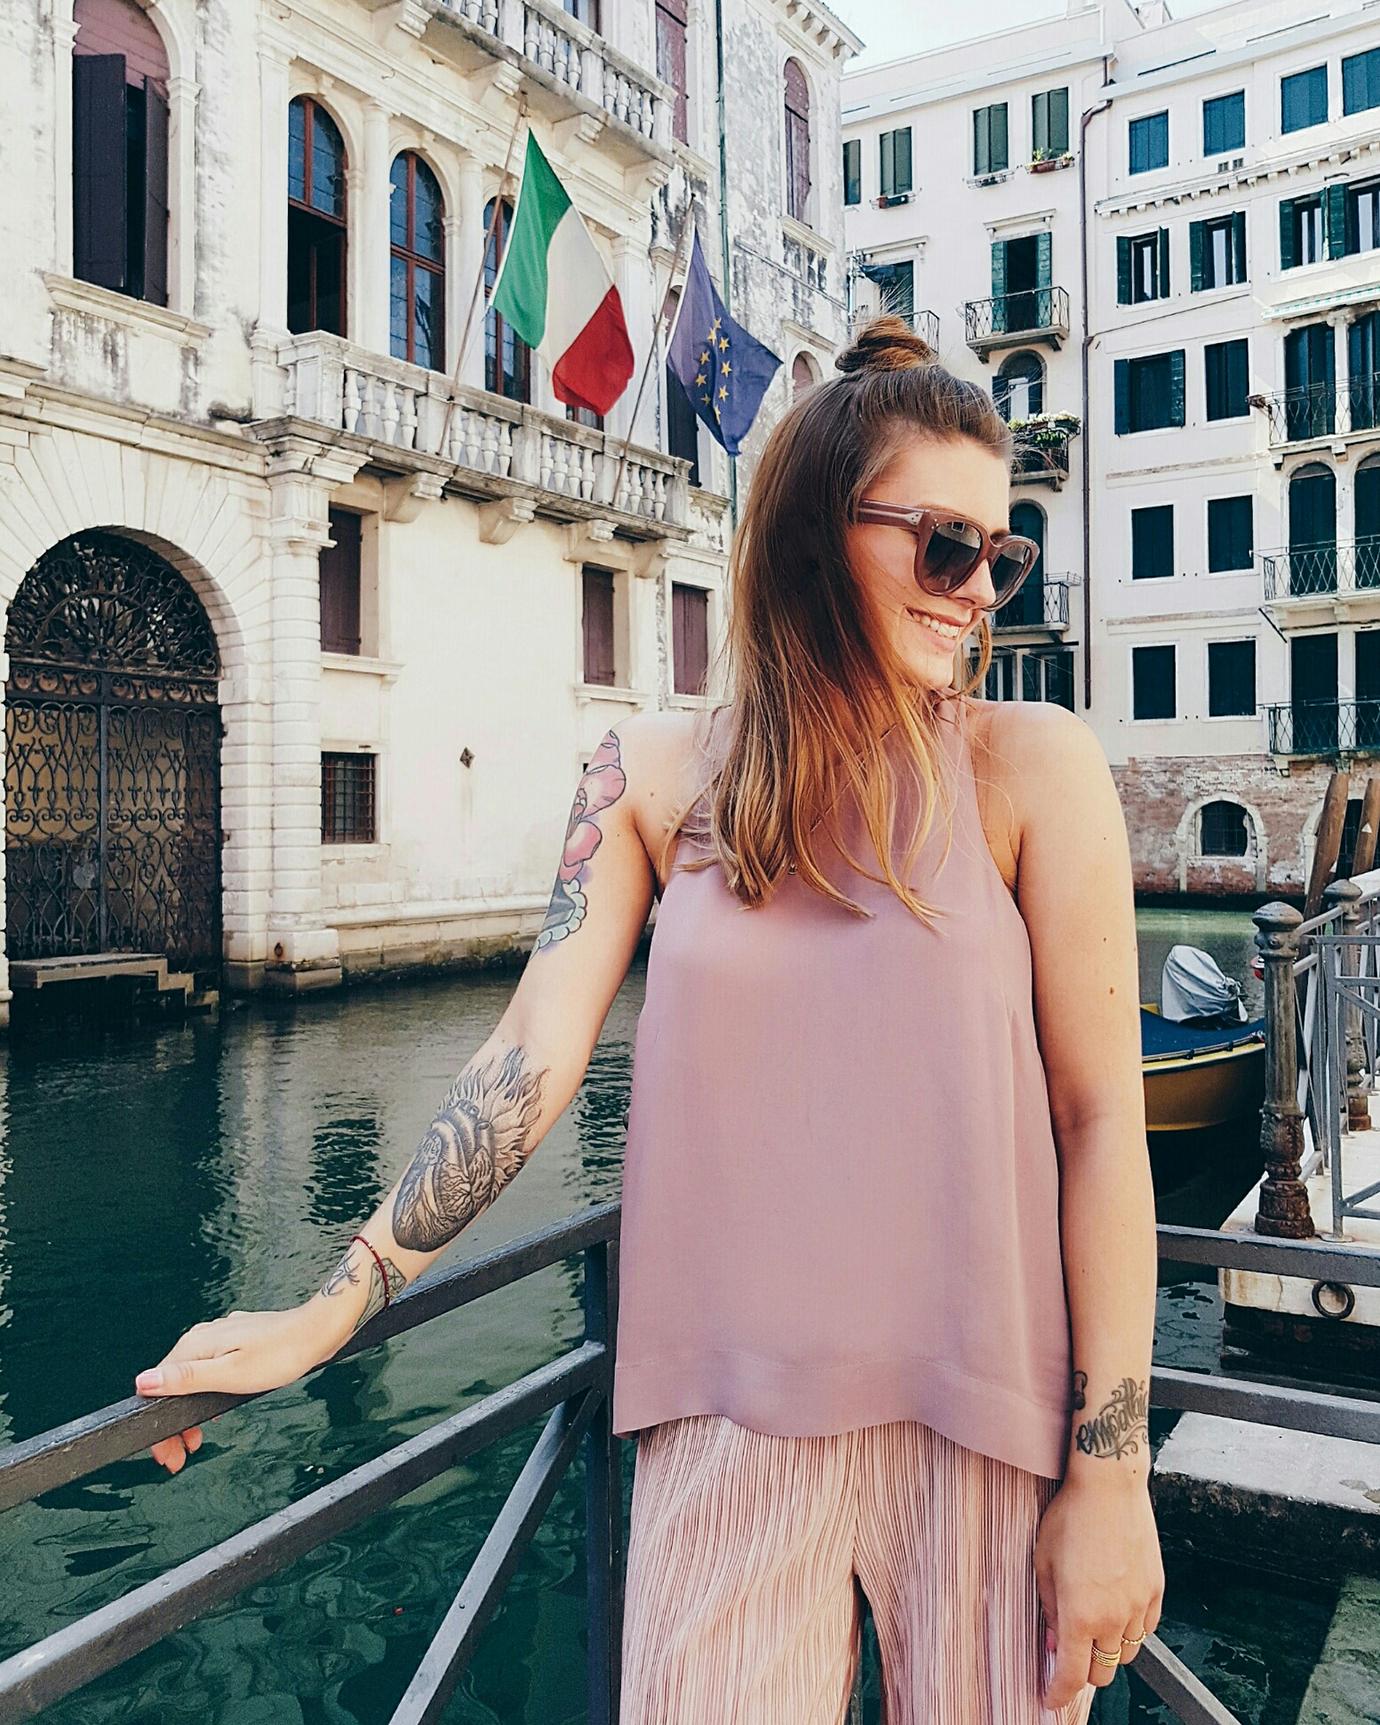 7things_30_happy_in_venezia